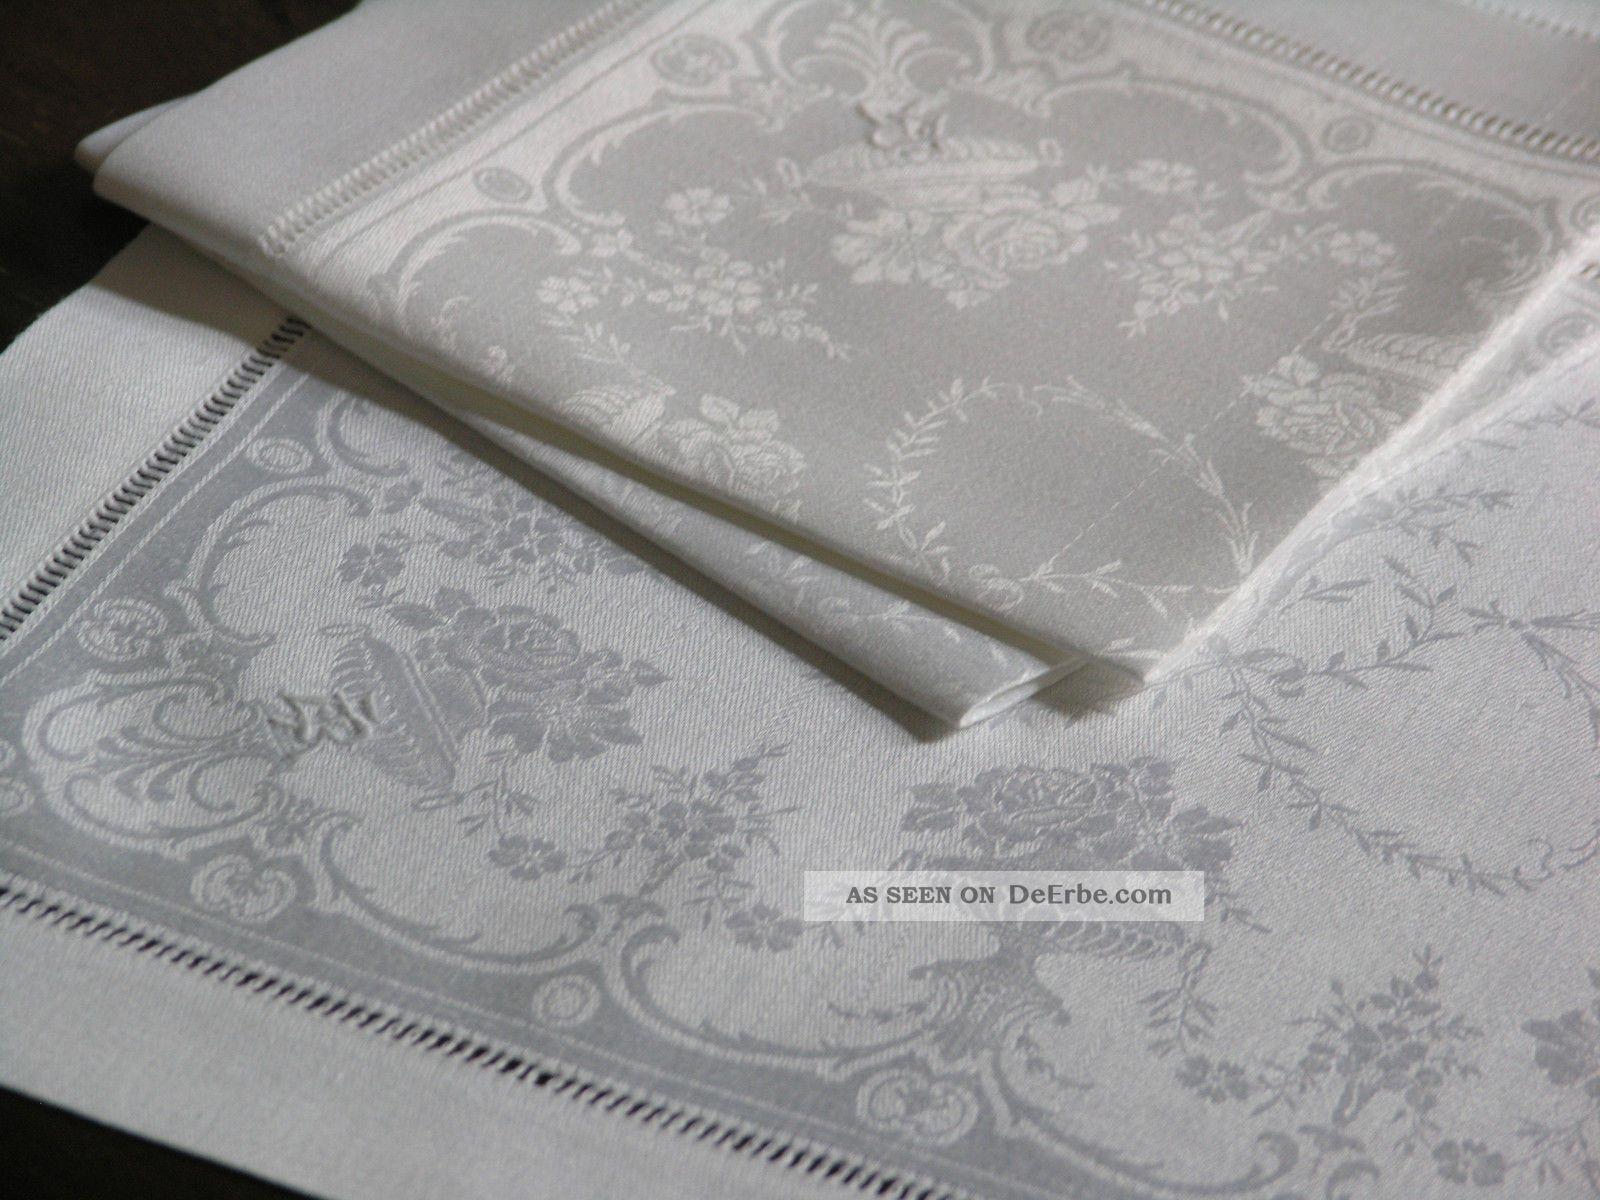 3 sehr sch ne kleine seiden damast servietten mit hohlsaumkante jugendstil. Black Bedroom Furniture Sets. Home Design Ideas